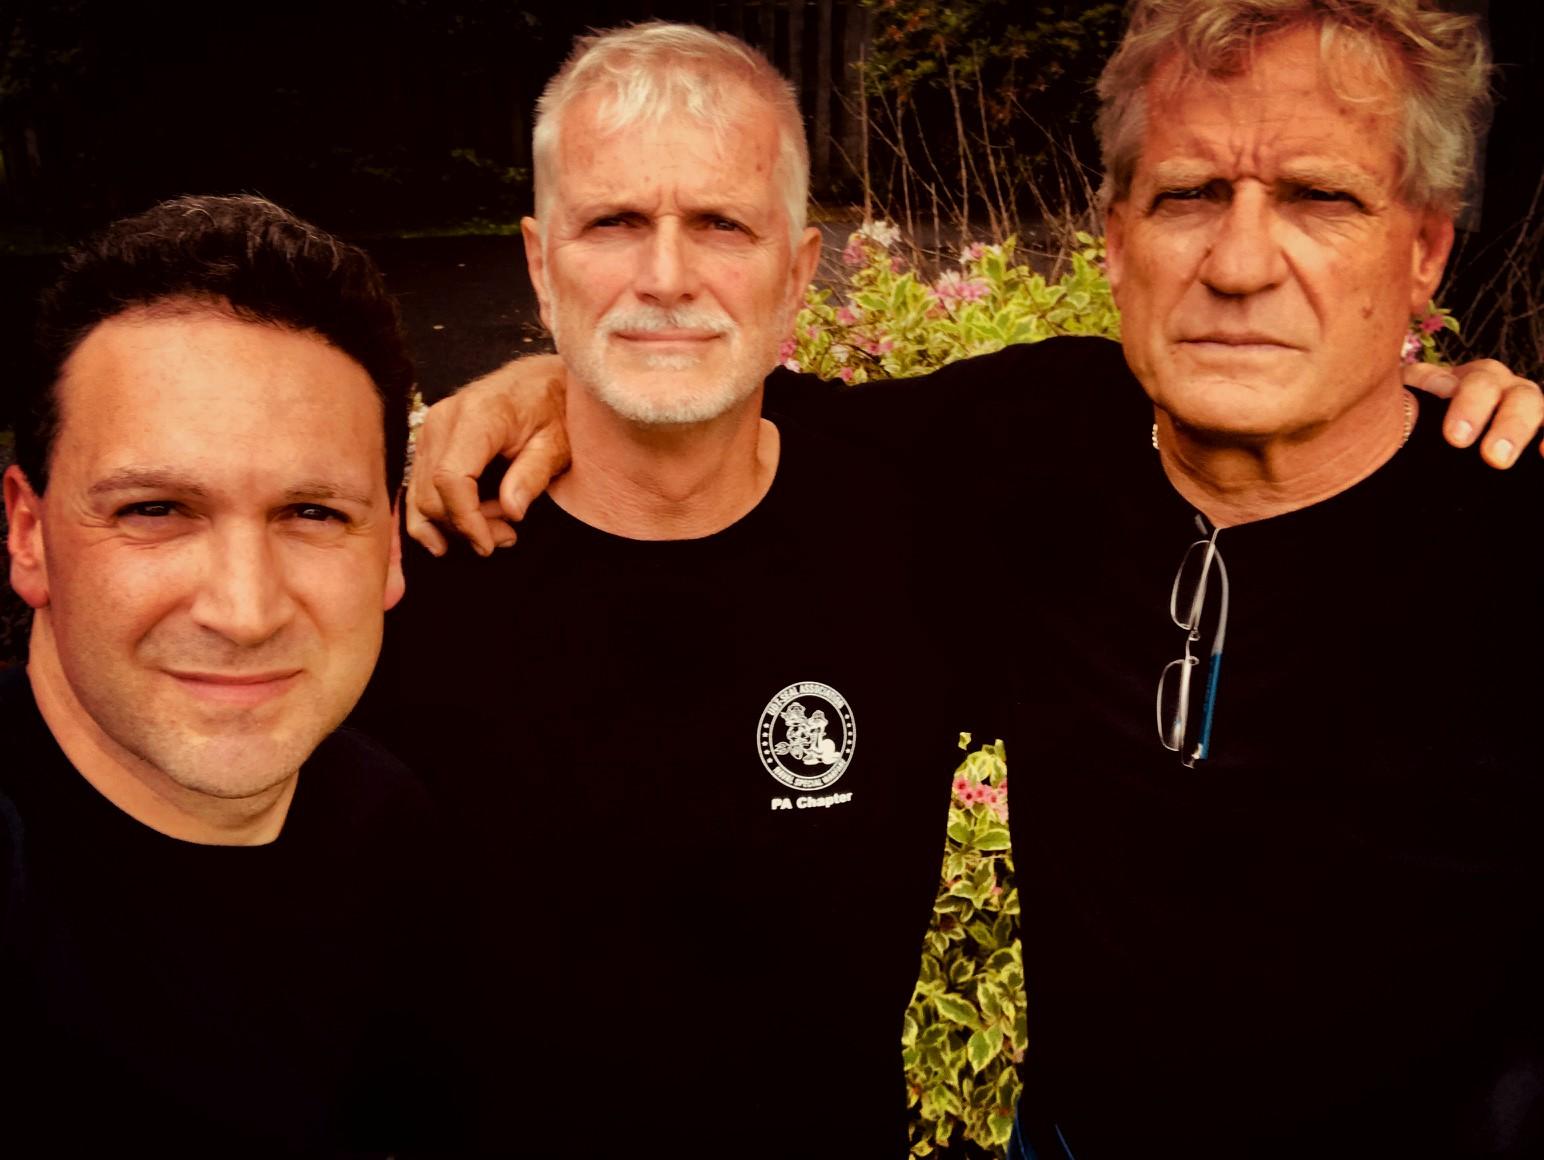 Steve Mittman, Steve Turoscy, Tim Hoover